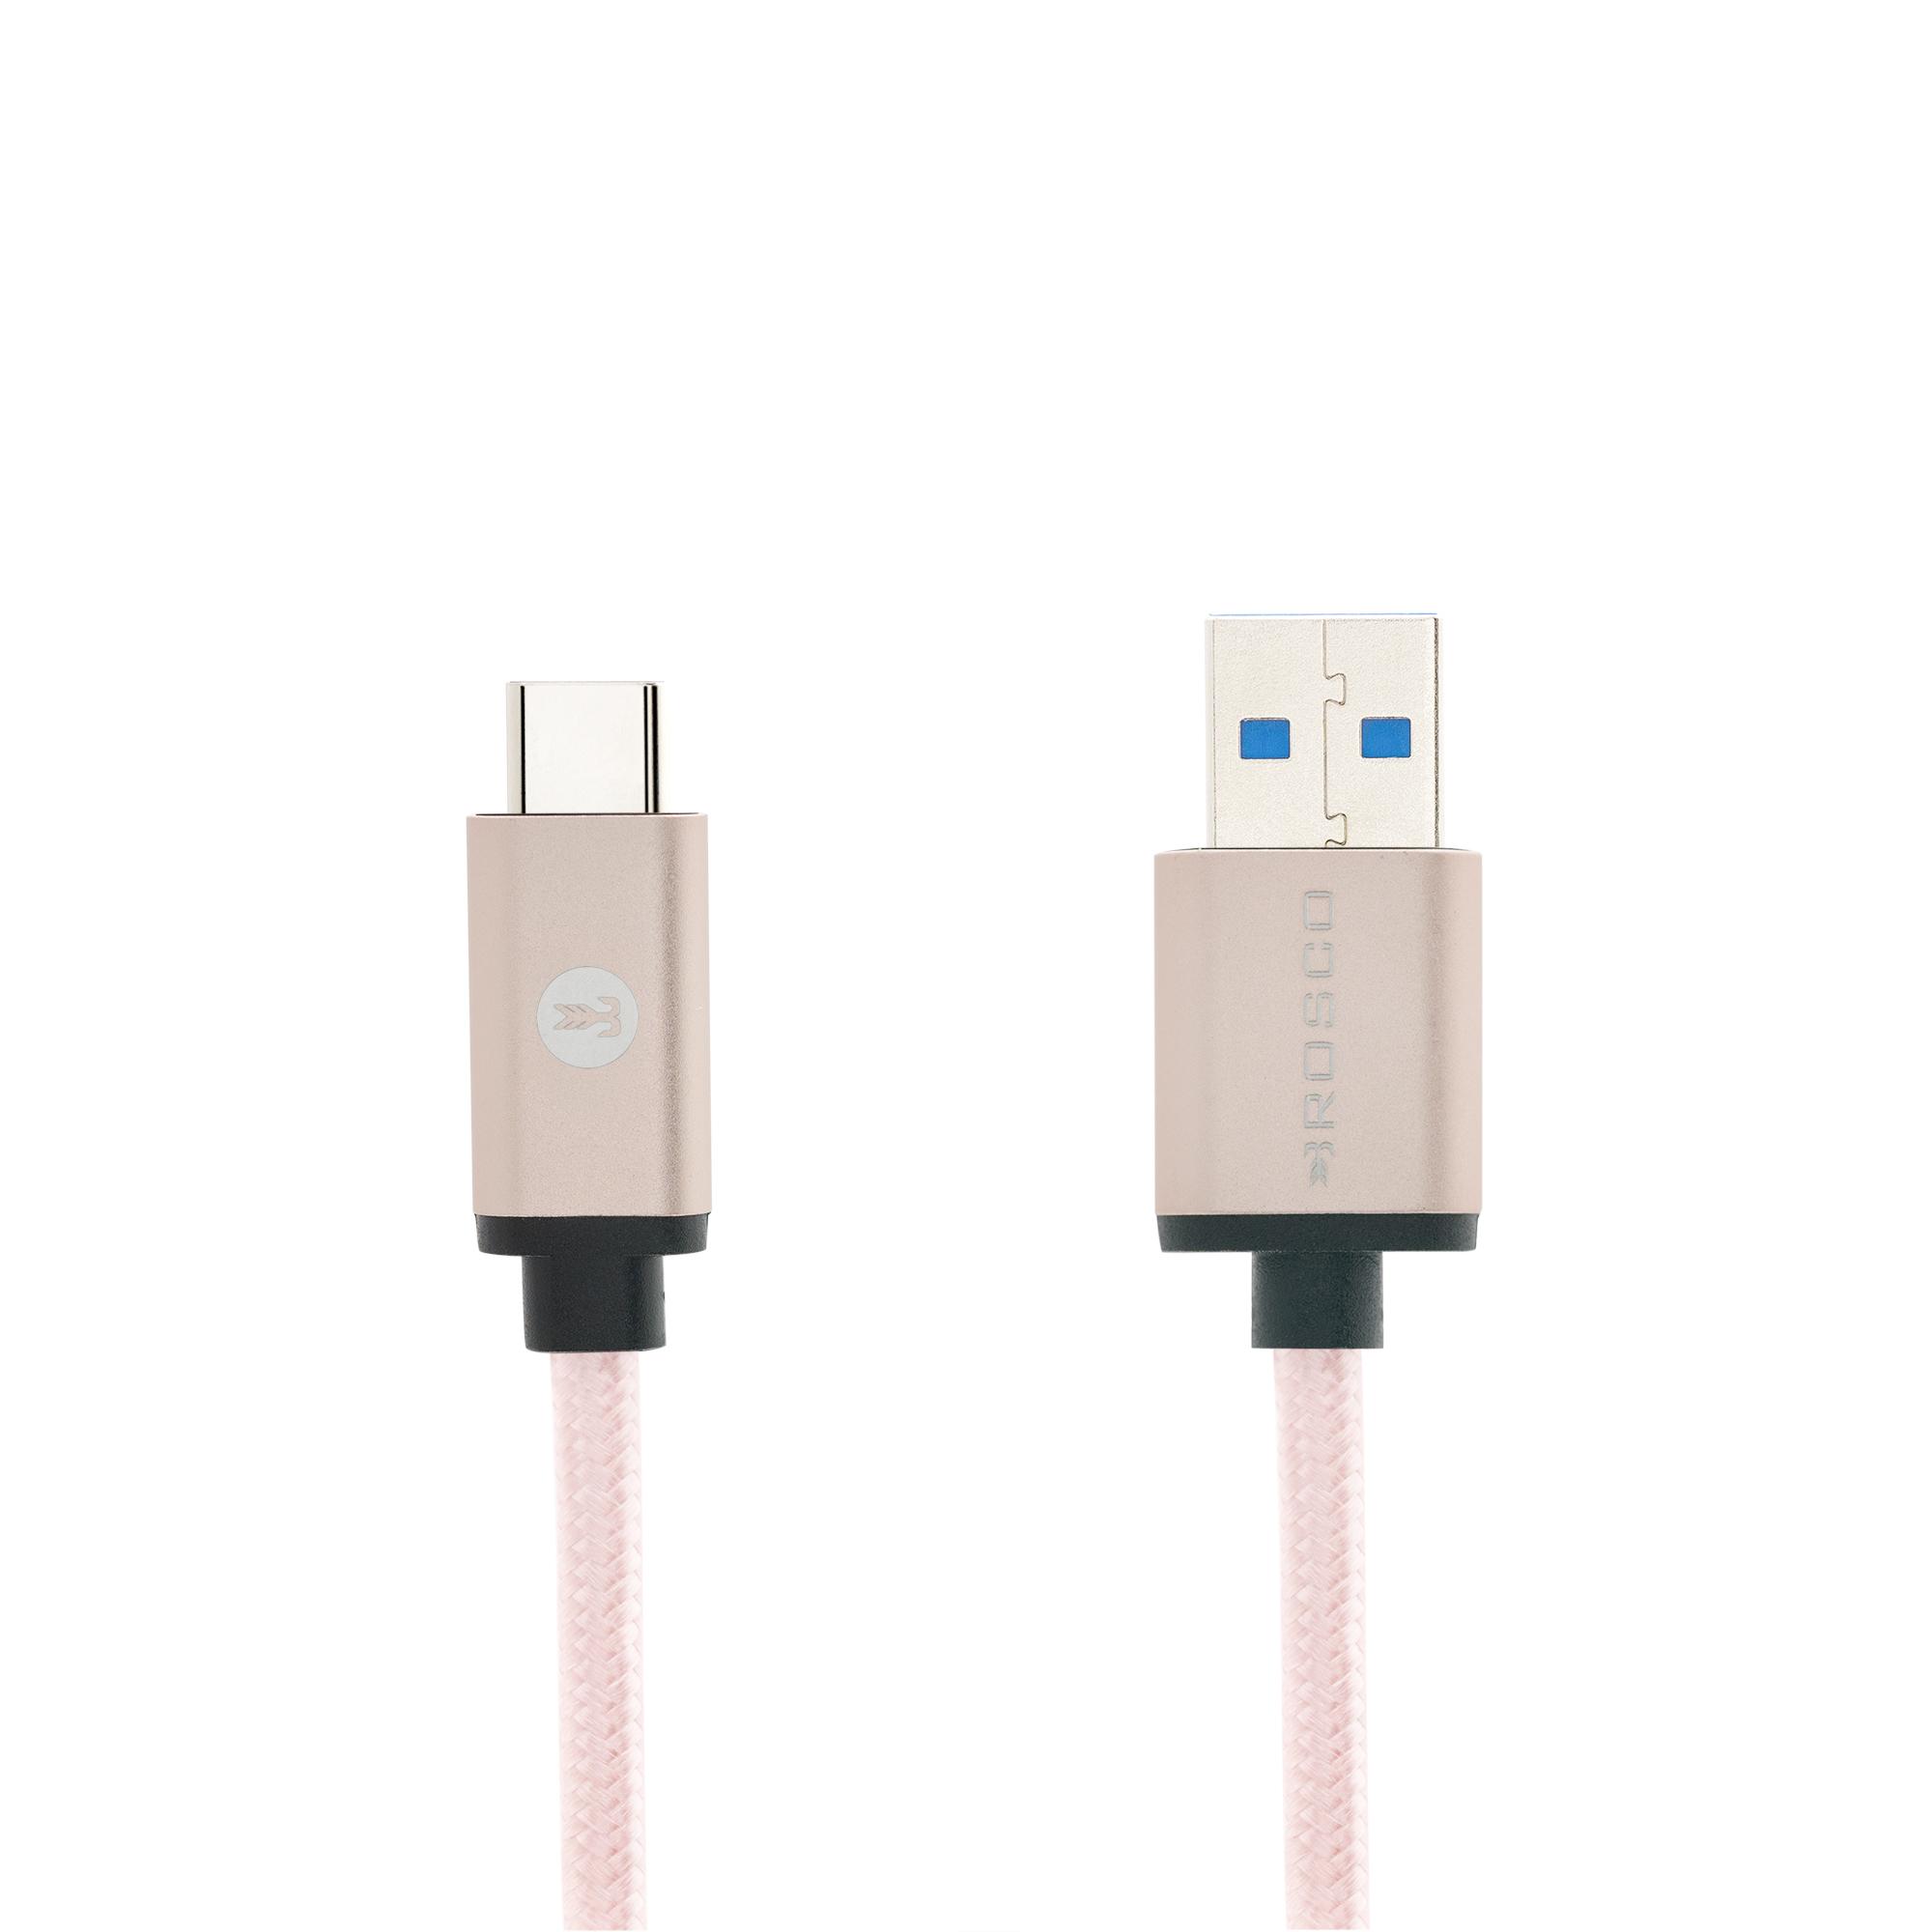 Кабель USB-TYPE-C 3.0 розовый фирмы Brosco купить в Sony Centre